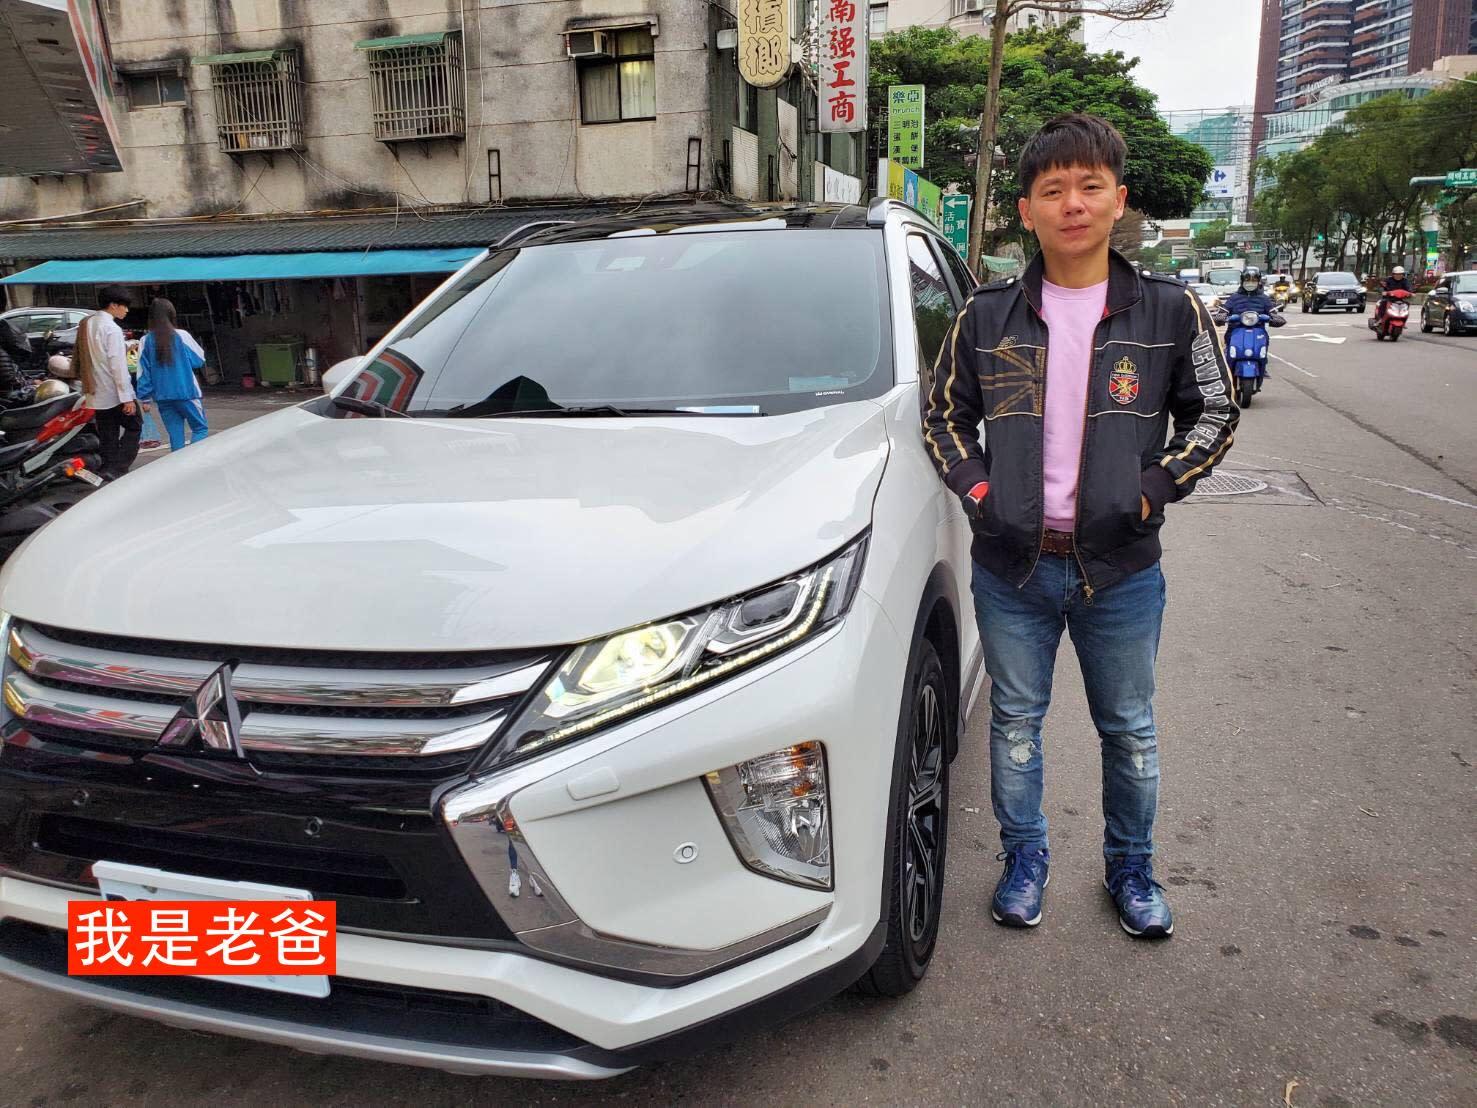 【名人聊愛車】挑車算得精、講求CP值 網紅「我是老爸」選中三菱Mitsubishi Eclipse Cross